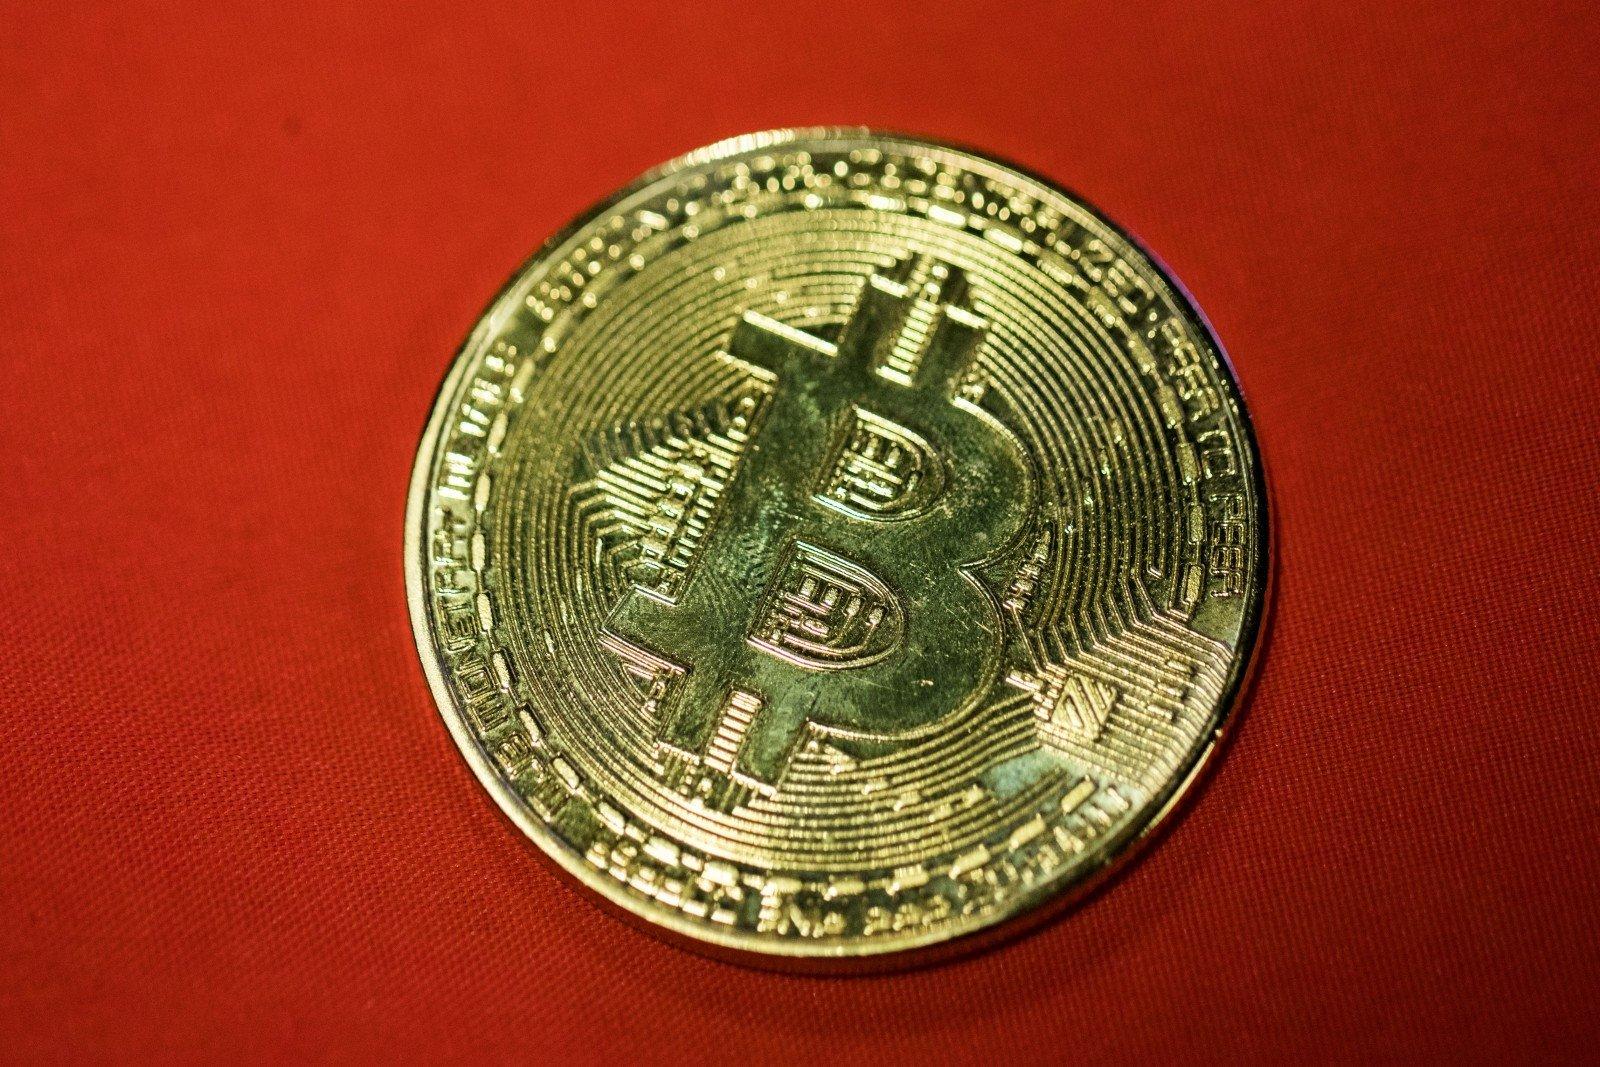 bitkoinų nuomonės